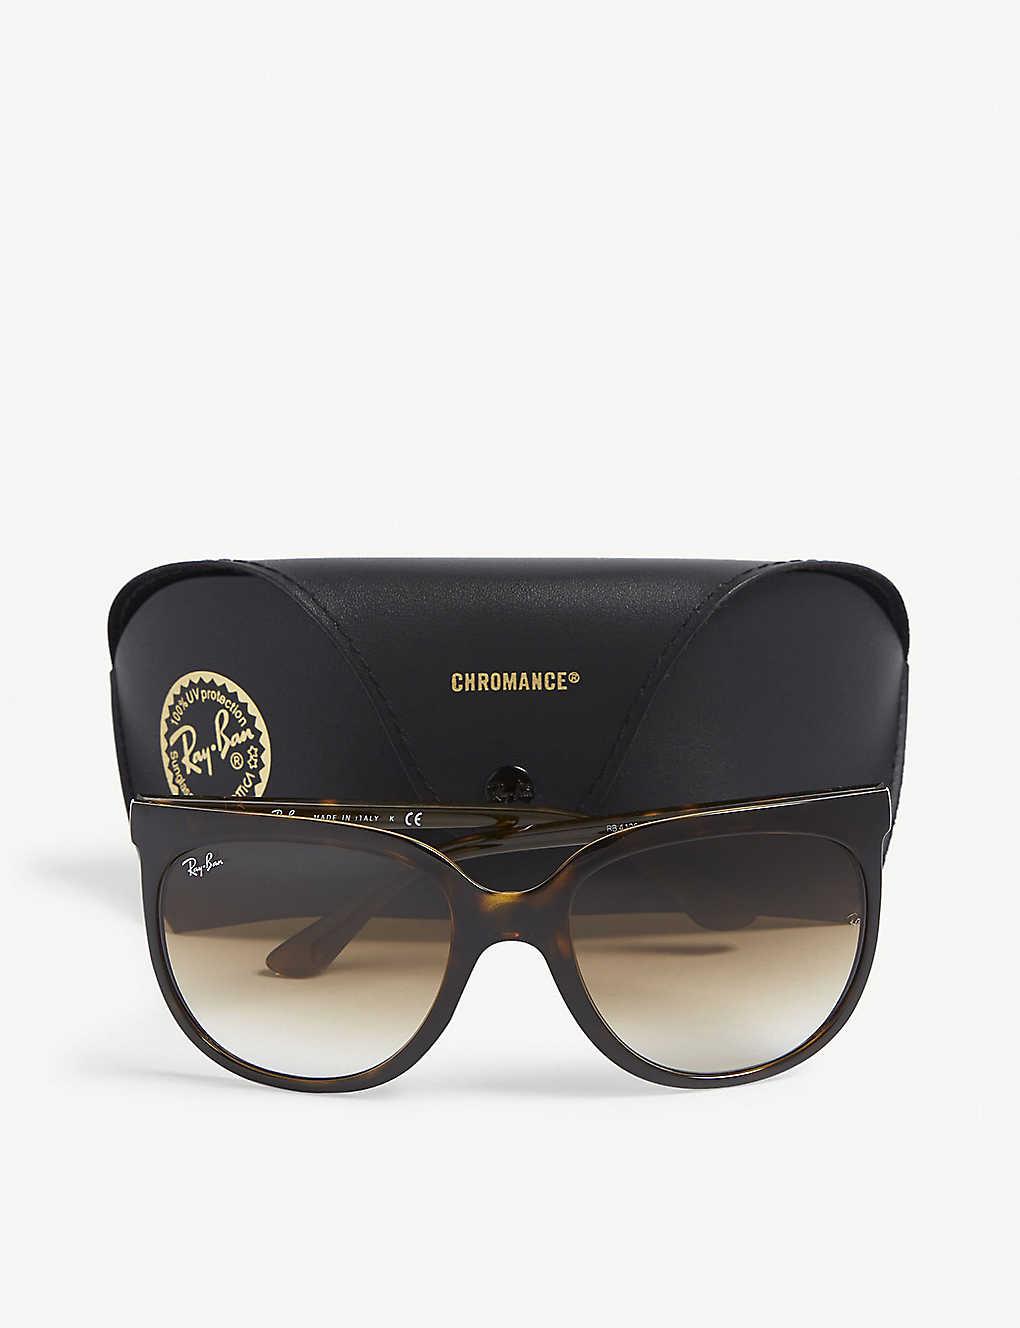 9f0c5db1aaaa0 ... RB4126 tortoiseshell square-frame sunglasses - Havana ...